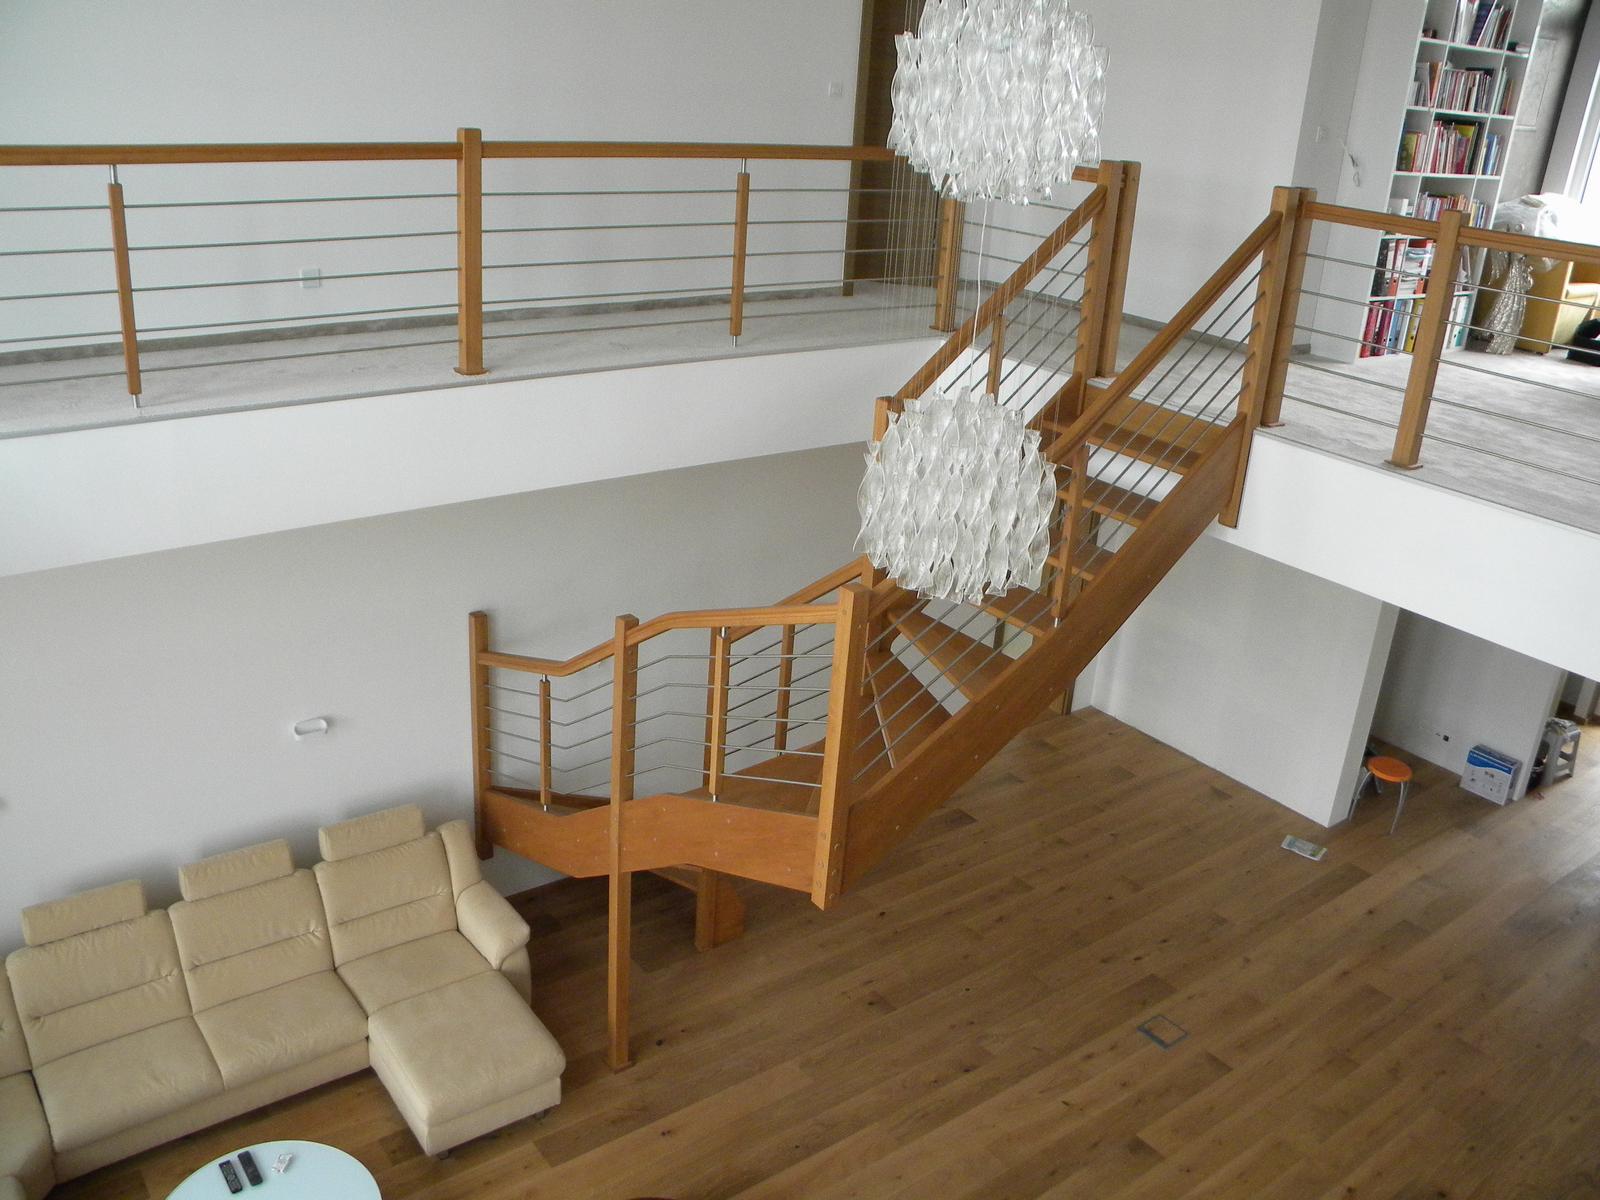 predavam drevene schody  - Obrázok č. 1